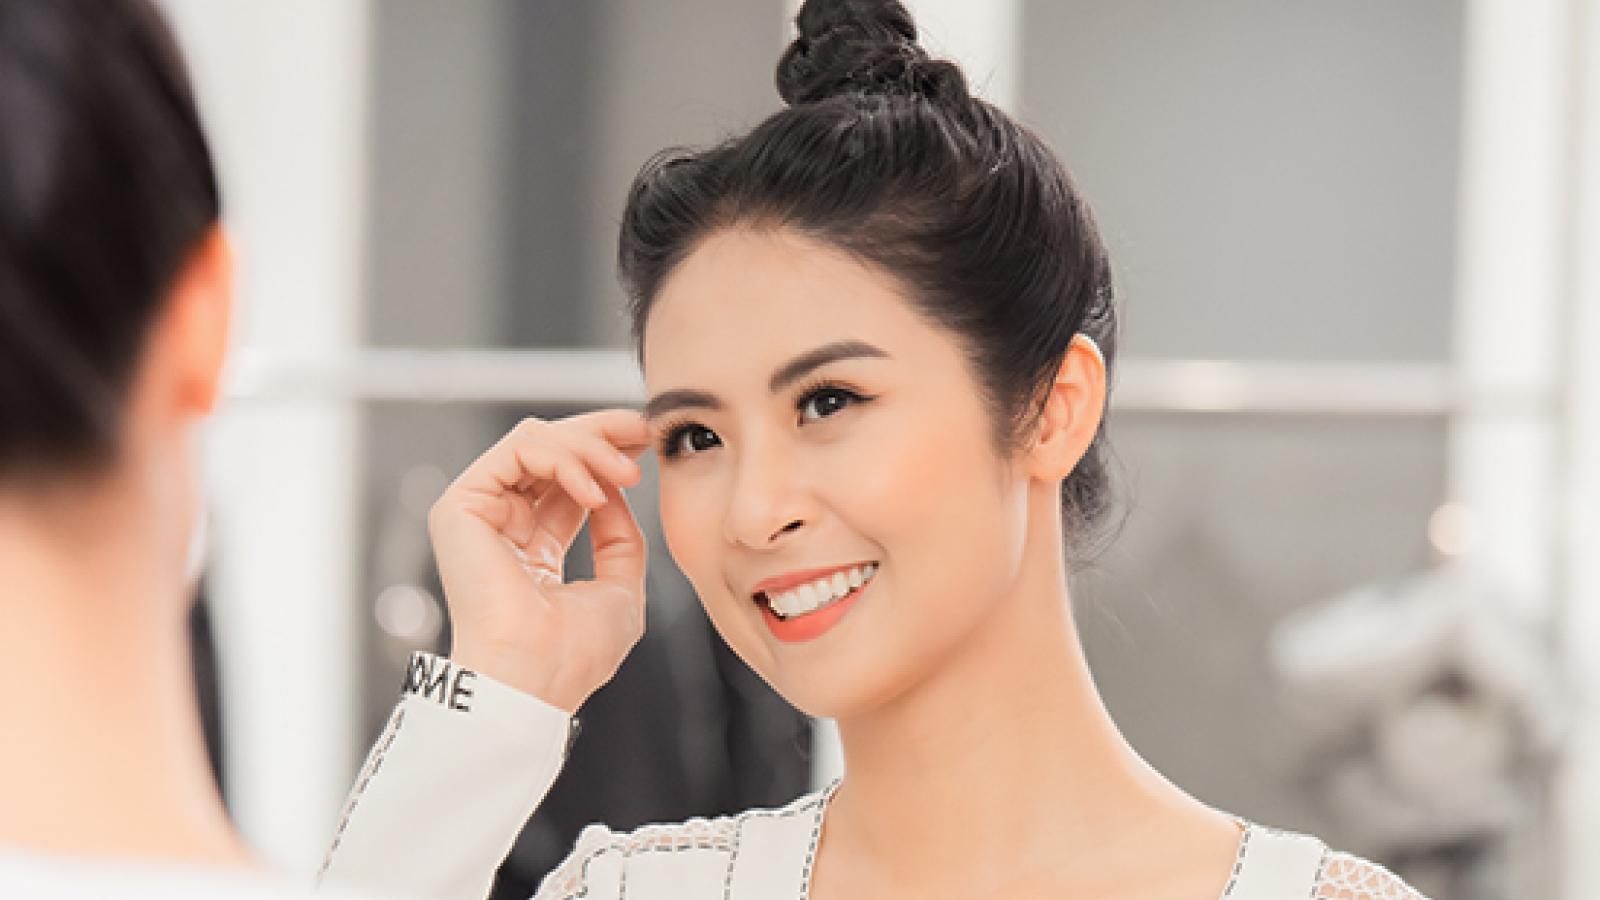 Ngọc Hân, Thanh Tú mua váy của Hà Duy ủng hộ miền Trung